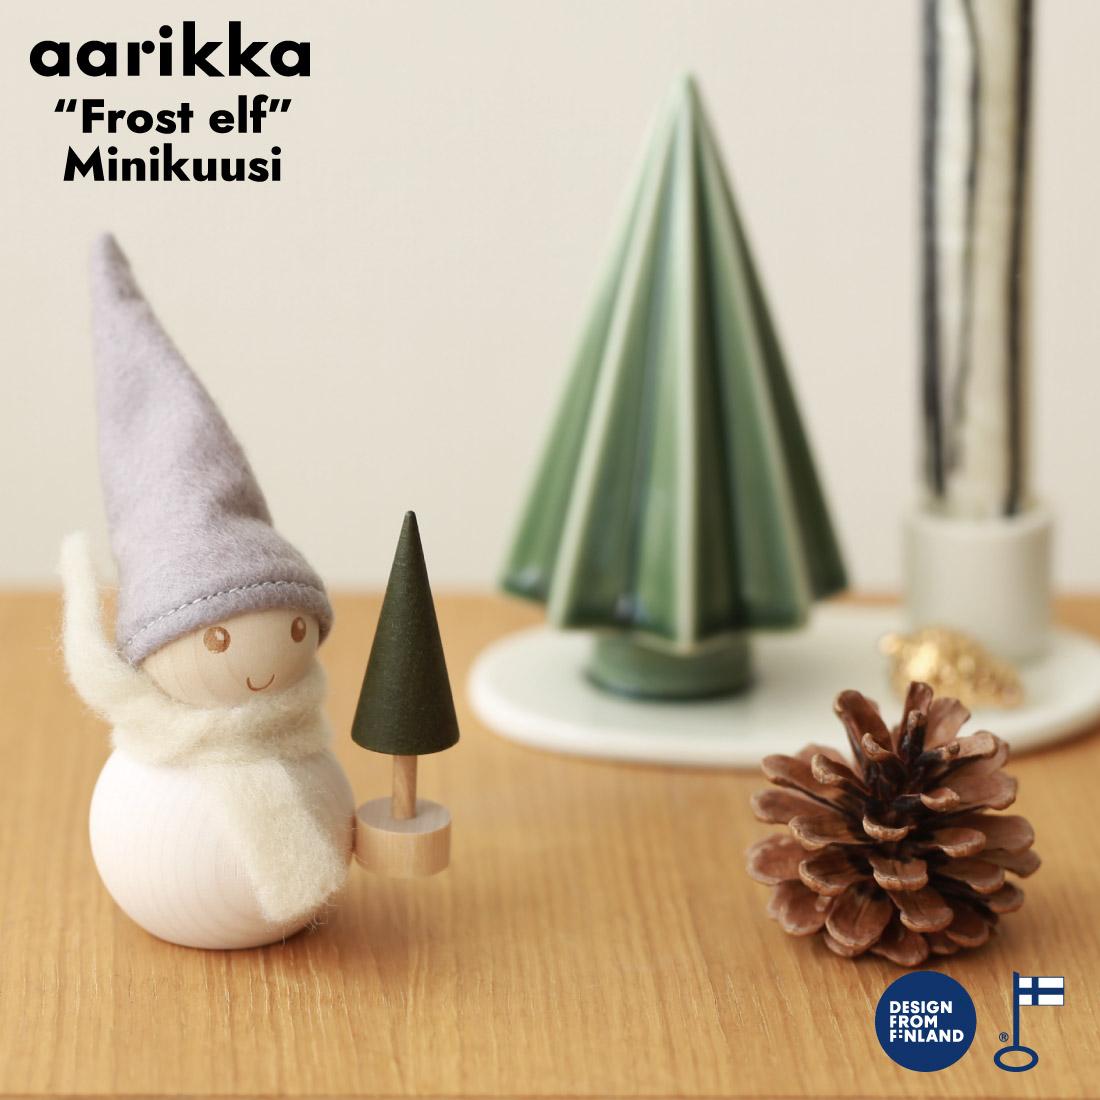 日本正規代理店品 aarikka アアリッカ 5☆好評 Frost elf Minikuusi フィンランド インテリア フロストエルフ 北欧雑貨 クリスマス 公式 PAKKANEN